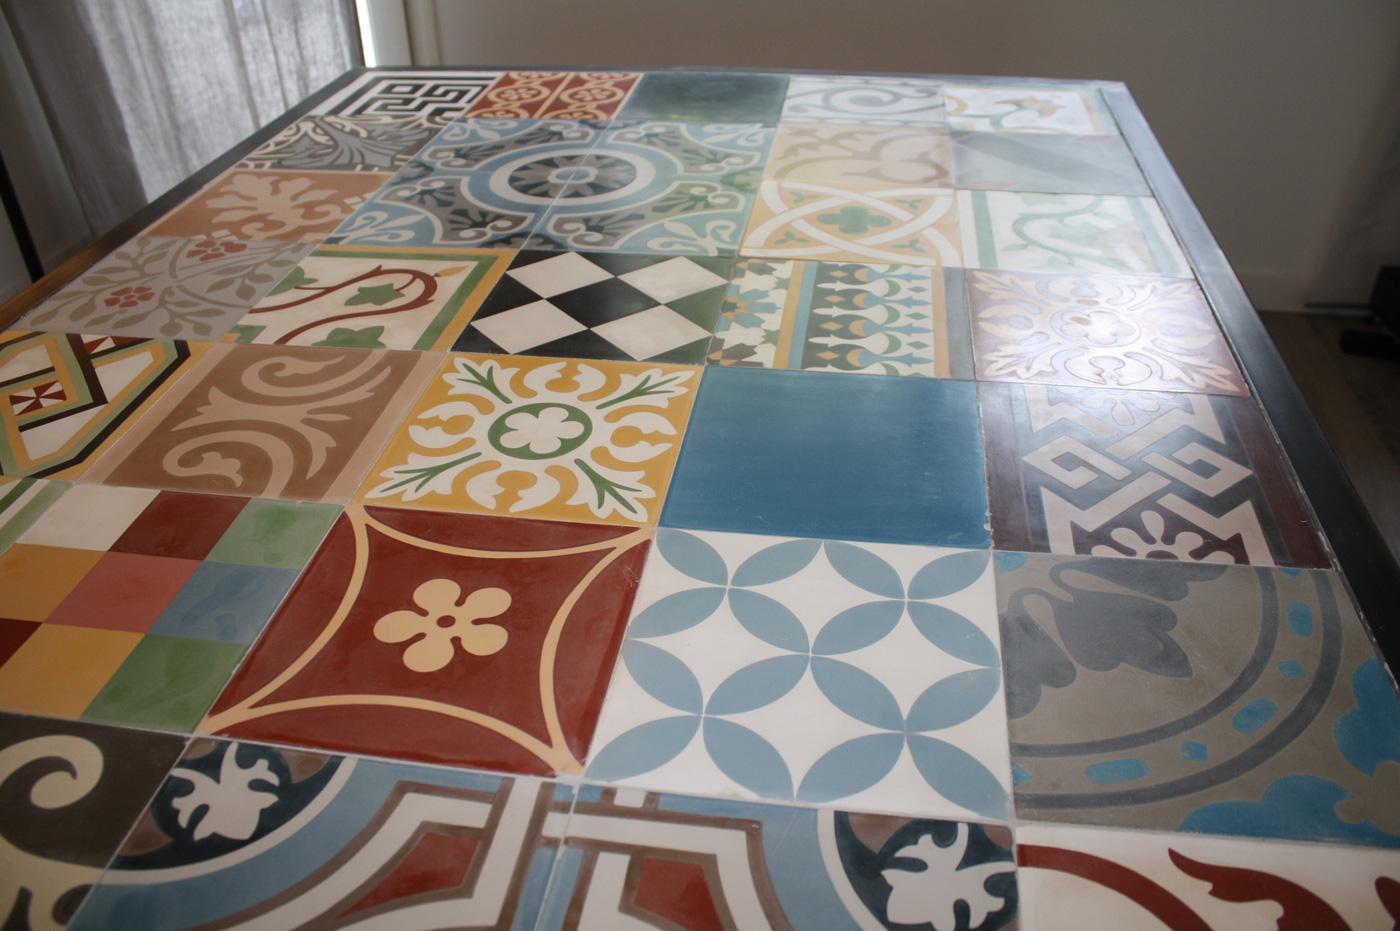 Table mosaïque carreaux de ciment - détail